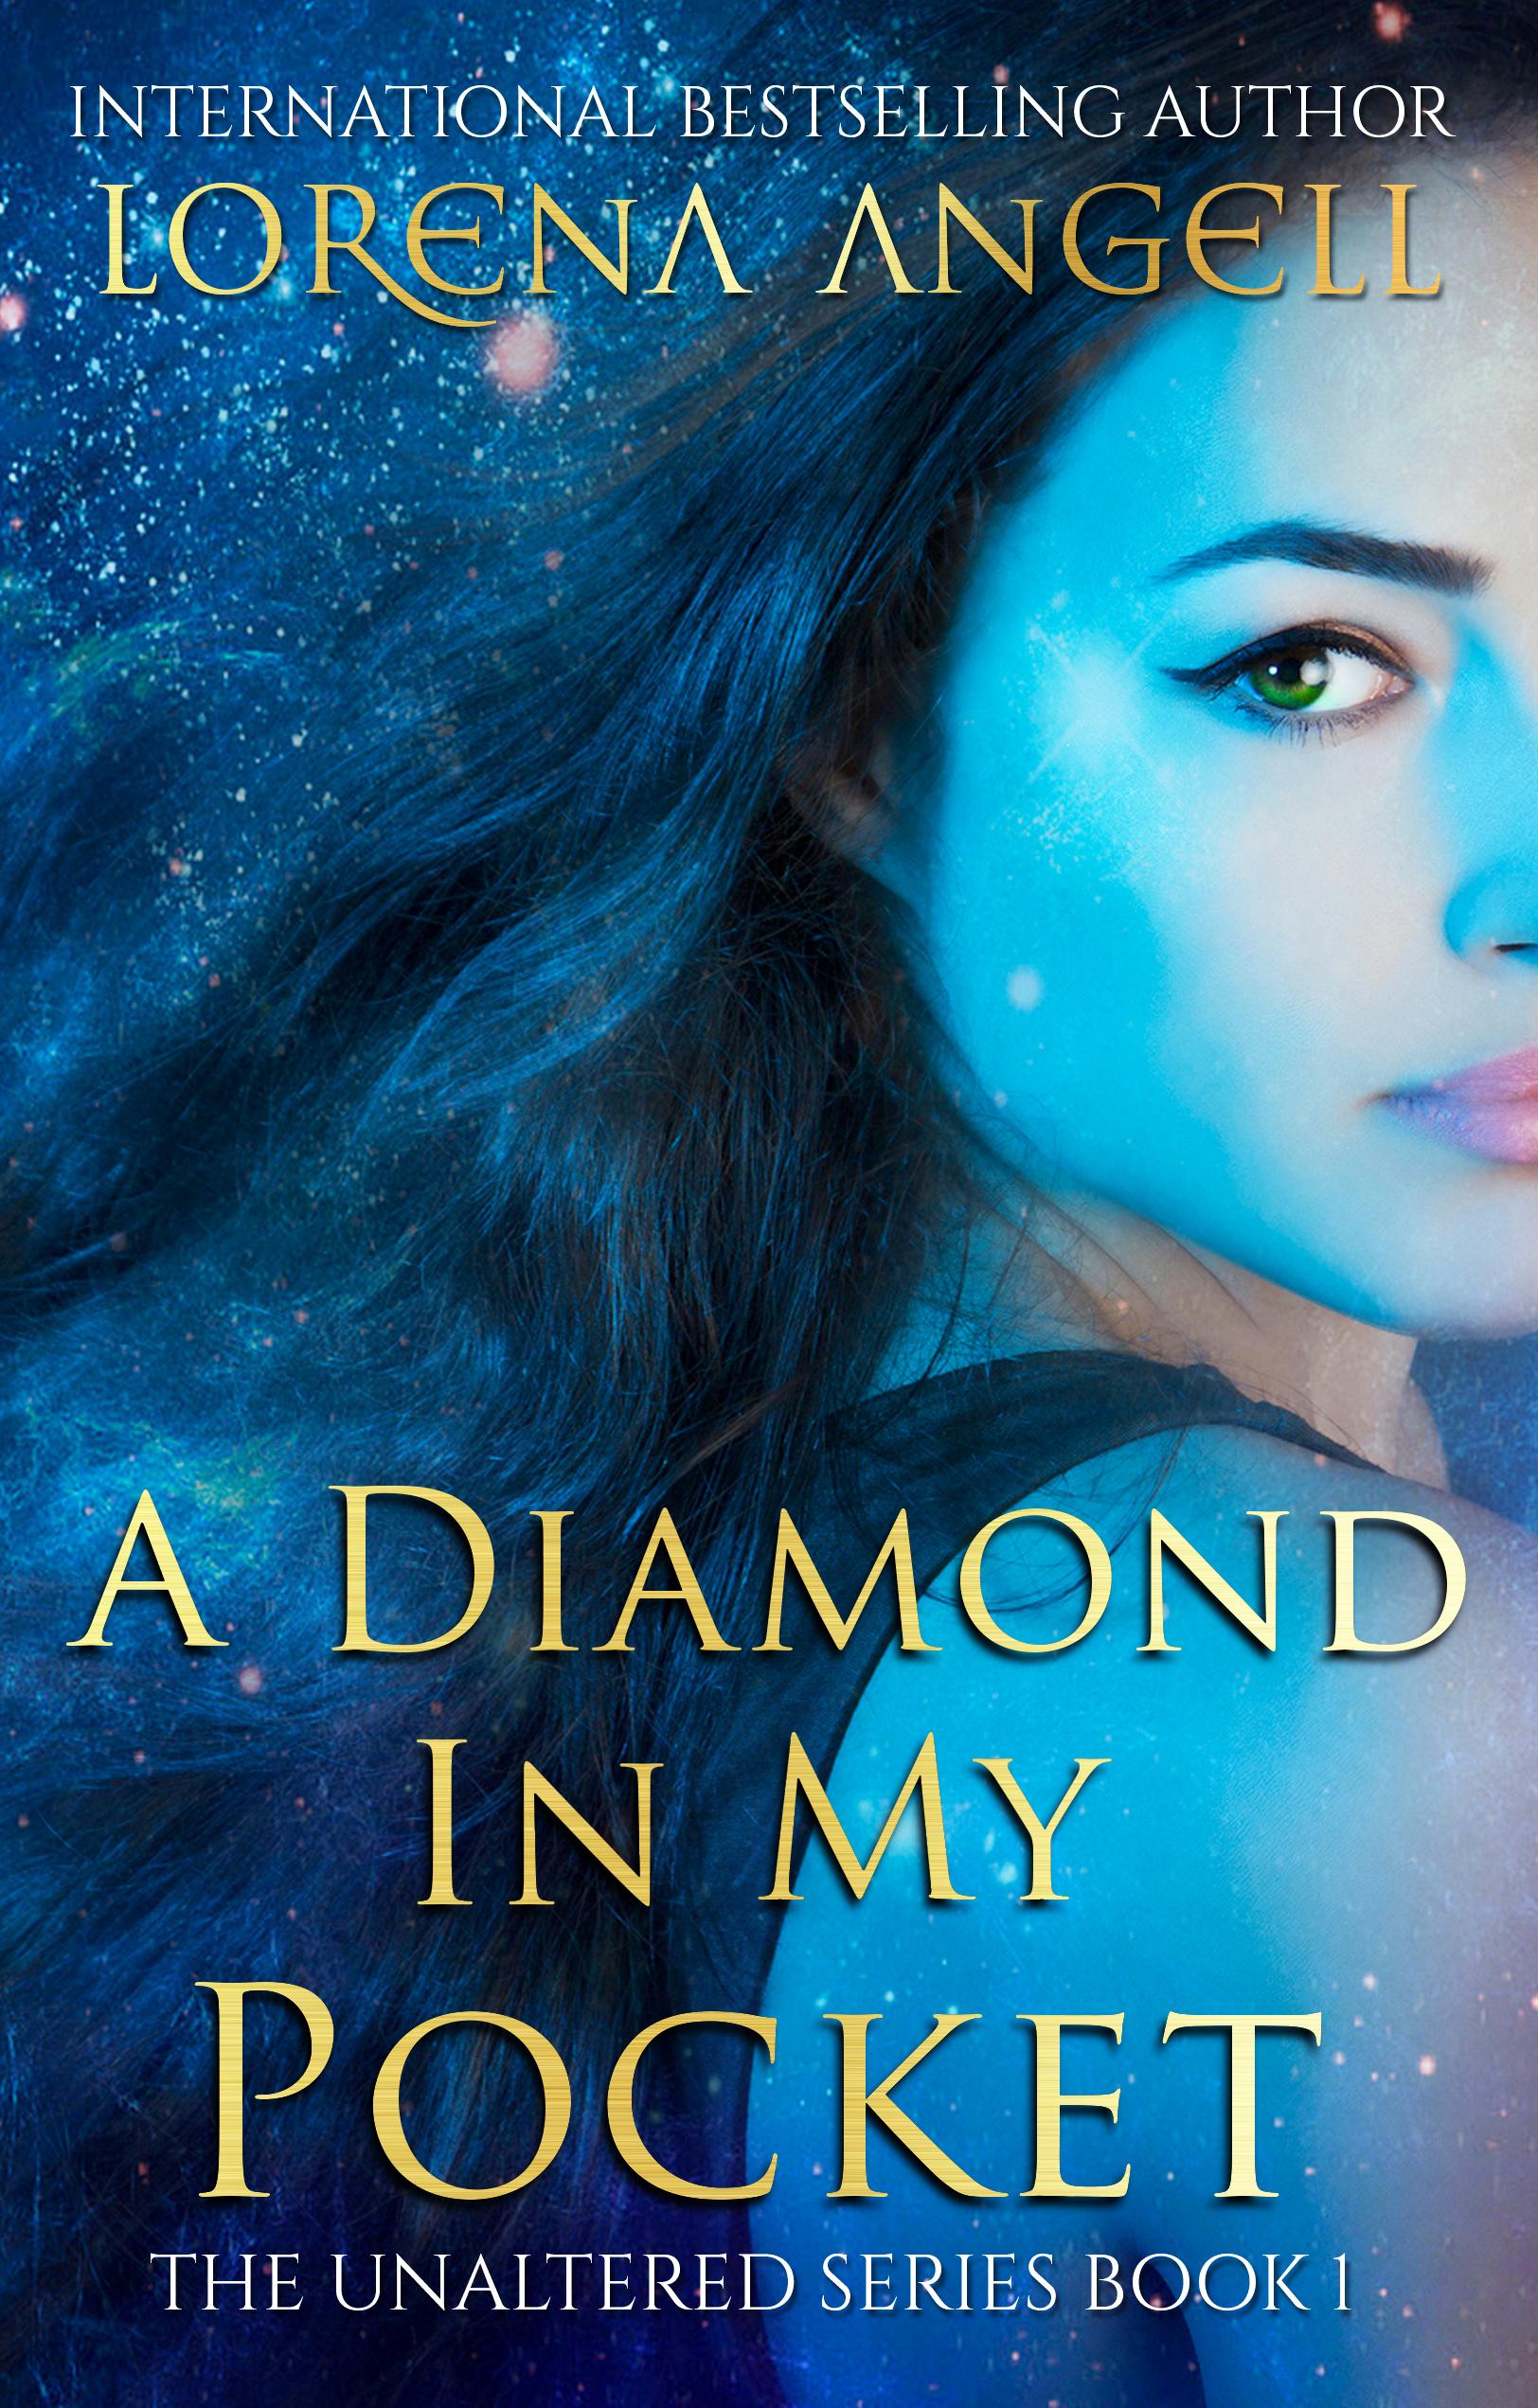 A Diamond in My Pocket (sst-cccxcv)